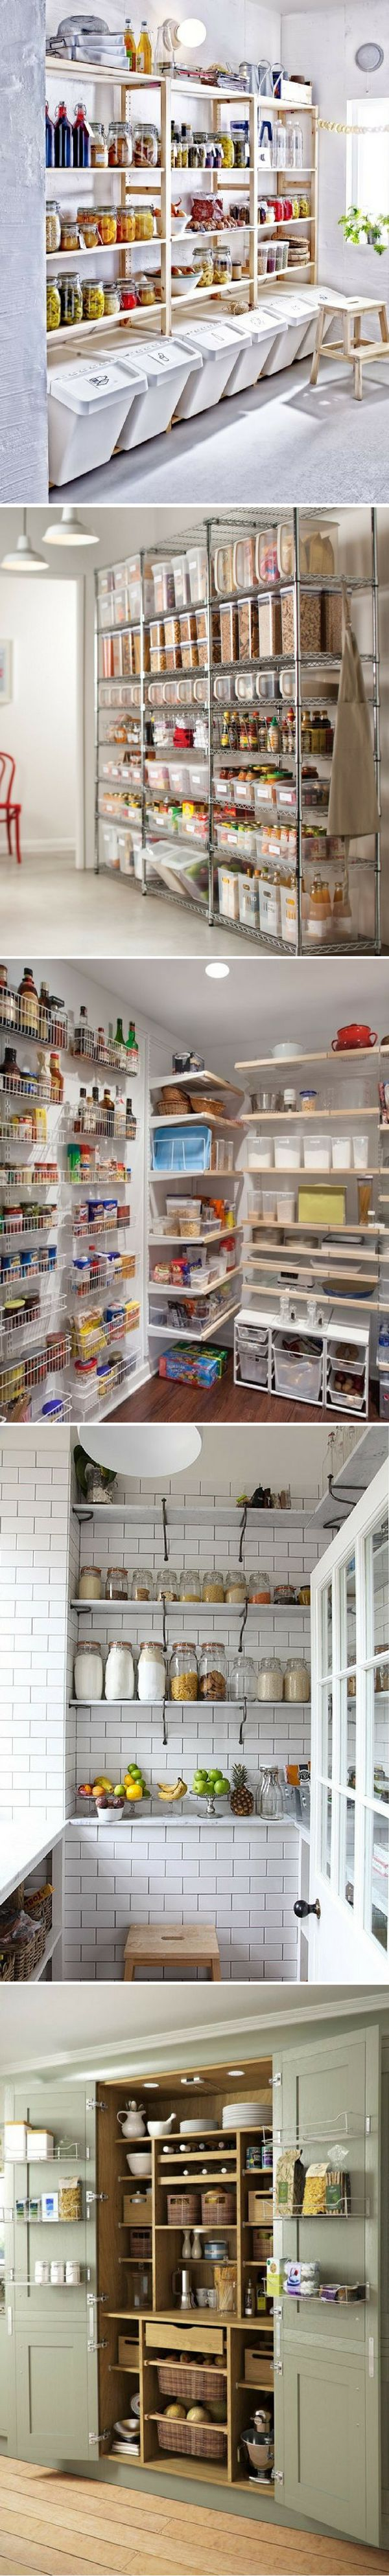 Les 25 meilleures id es de la cat gorie rangement de garage sur pinterest bricolagestockage de - Comment faire un garde manger ...